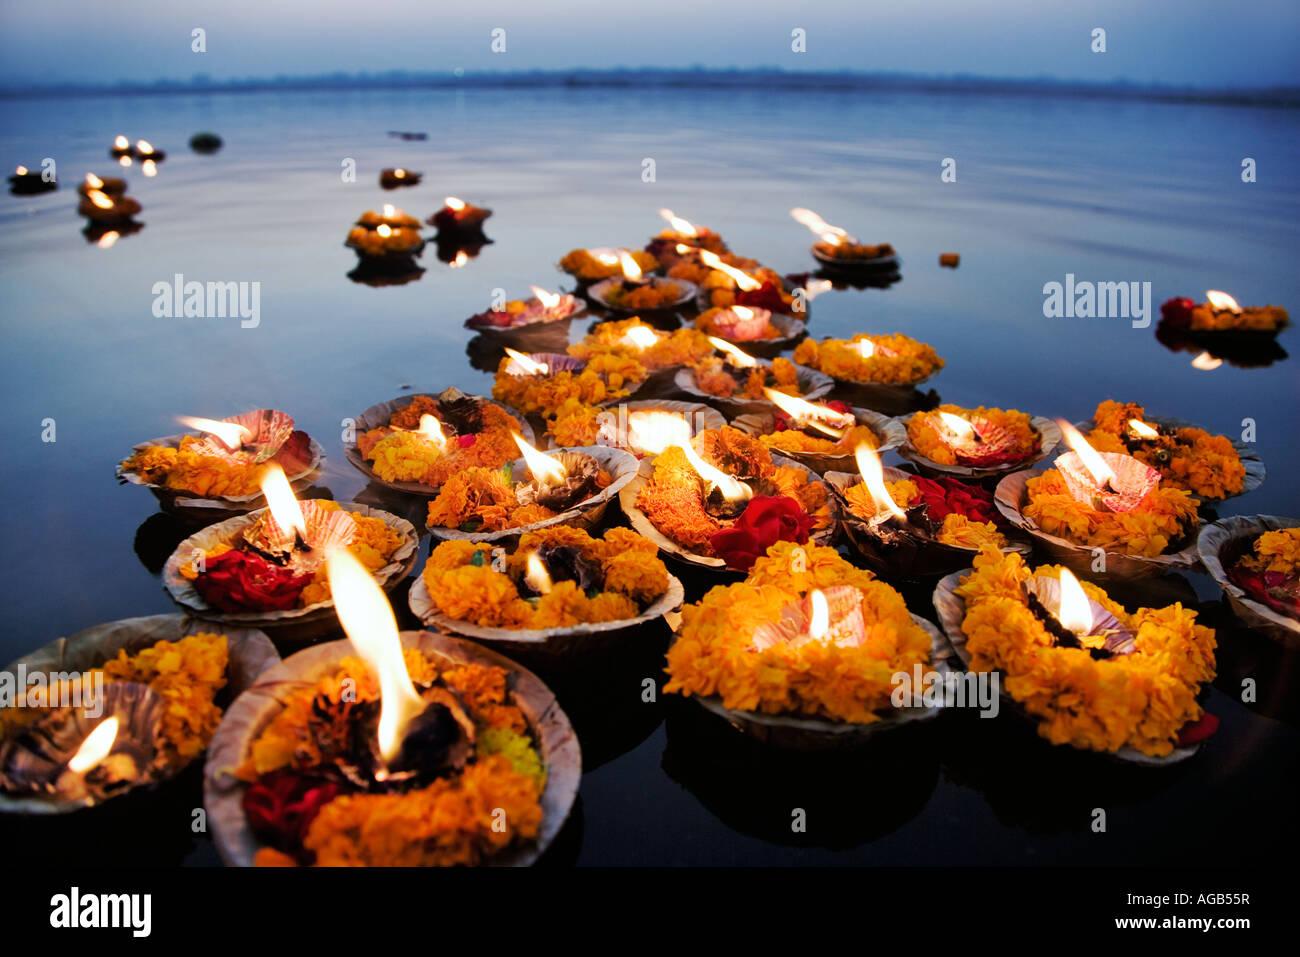 Deepak in den Ganges der Deepak oder Öllampen sind als Opfergabe an den Ganges Fluss Varanasi Indien verwendet.Stockfoto